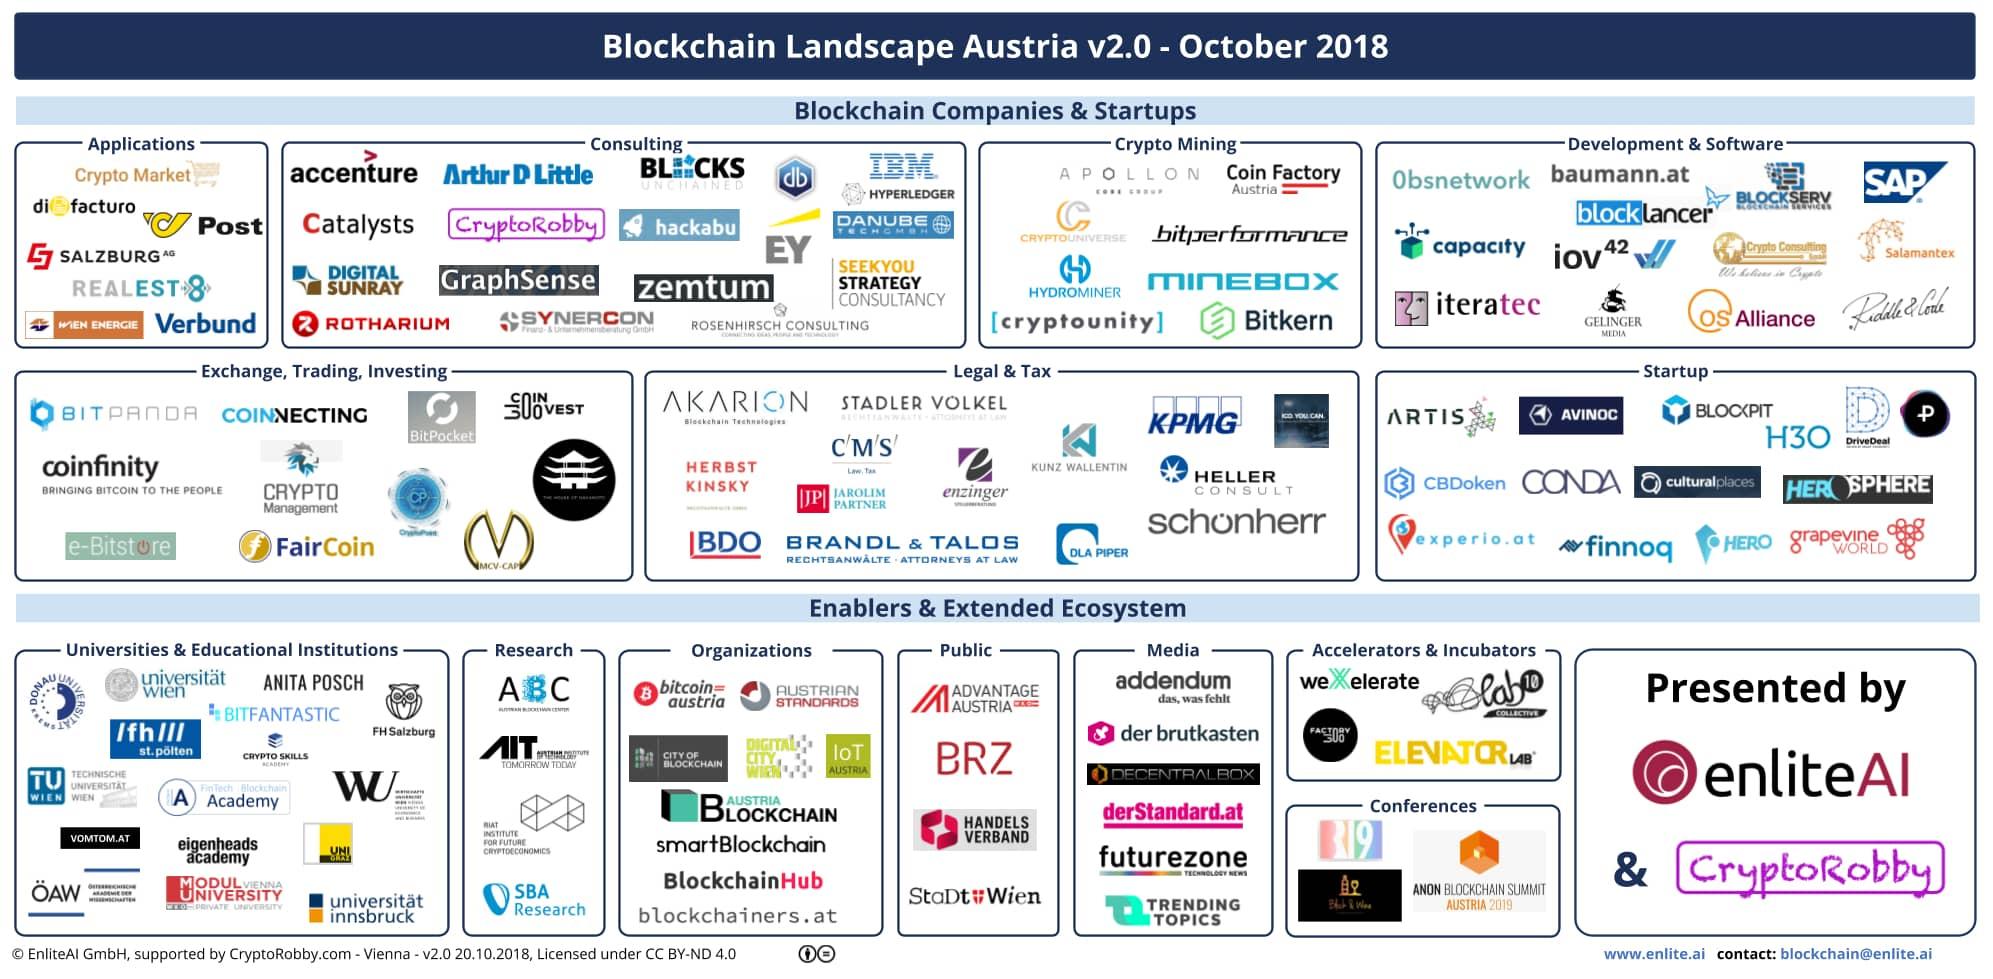 Blockchain Landscape Austria - Summer Update